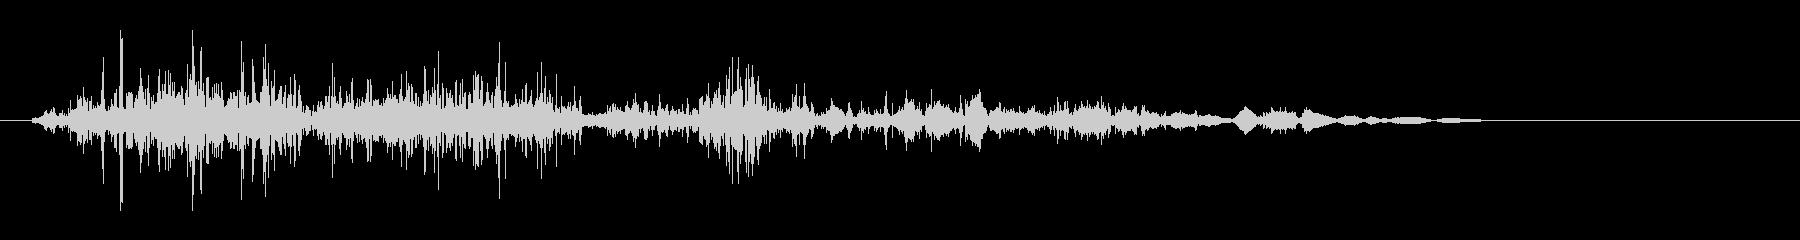 クシャッ(摩擦音)シンプルの未再生の波形